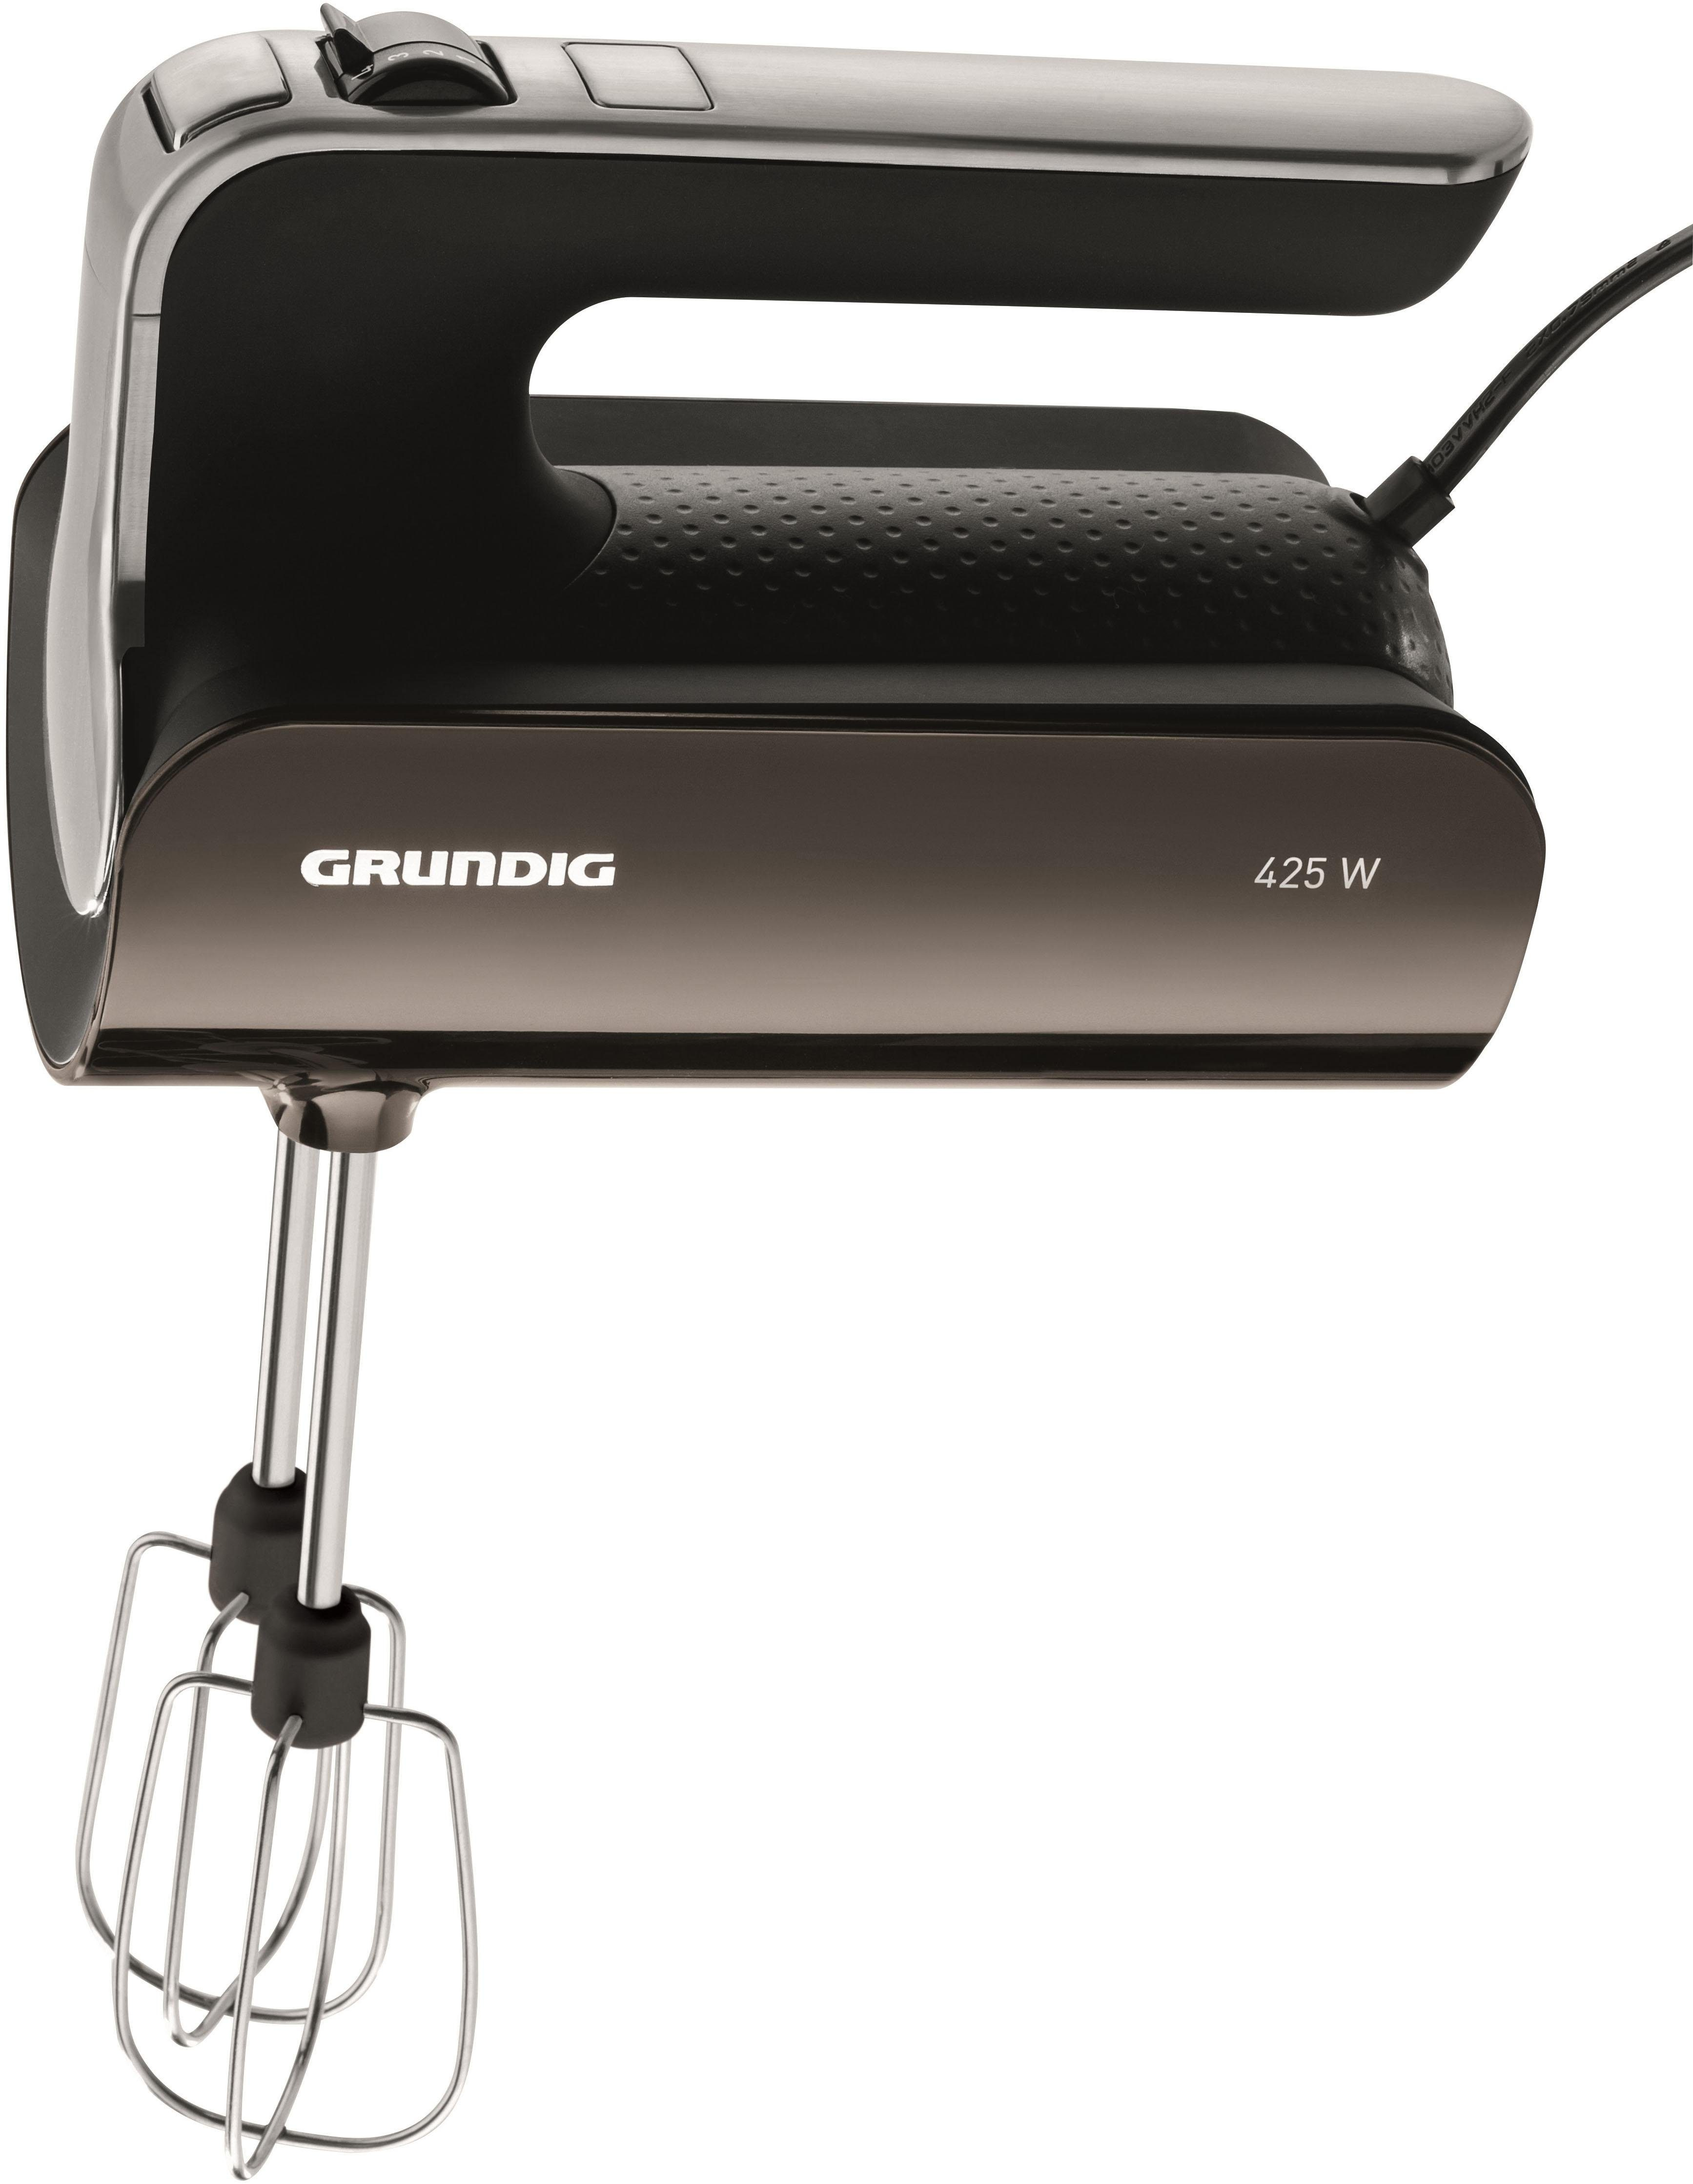 Grundig Handmixer HM 6280 G, 425 Watt